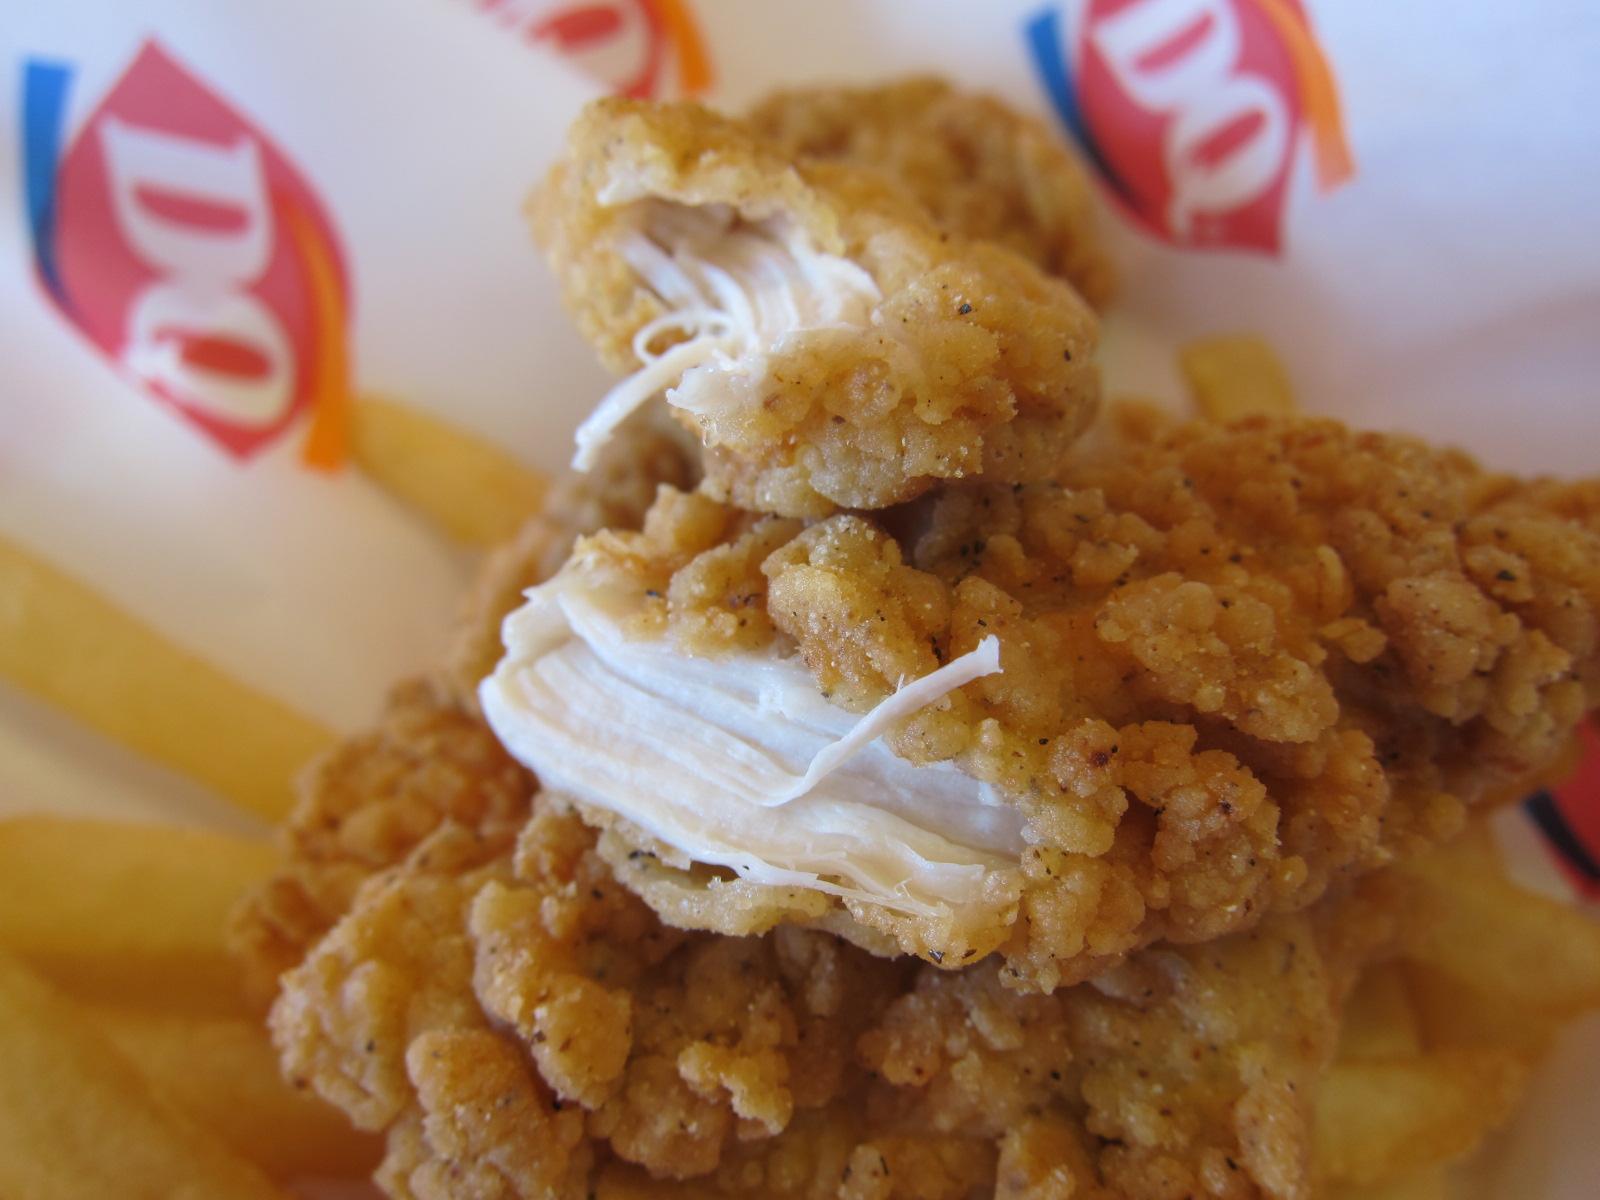 dairy-queen-5-buck-lunch-chicken-strips-03